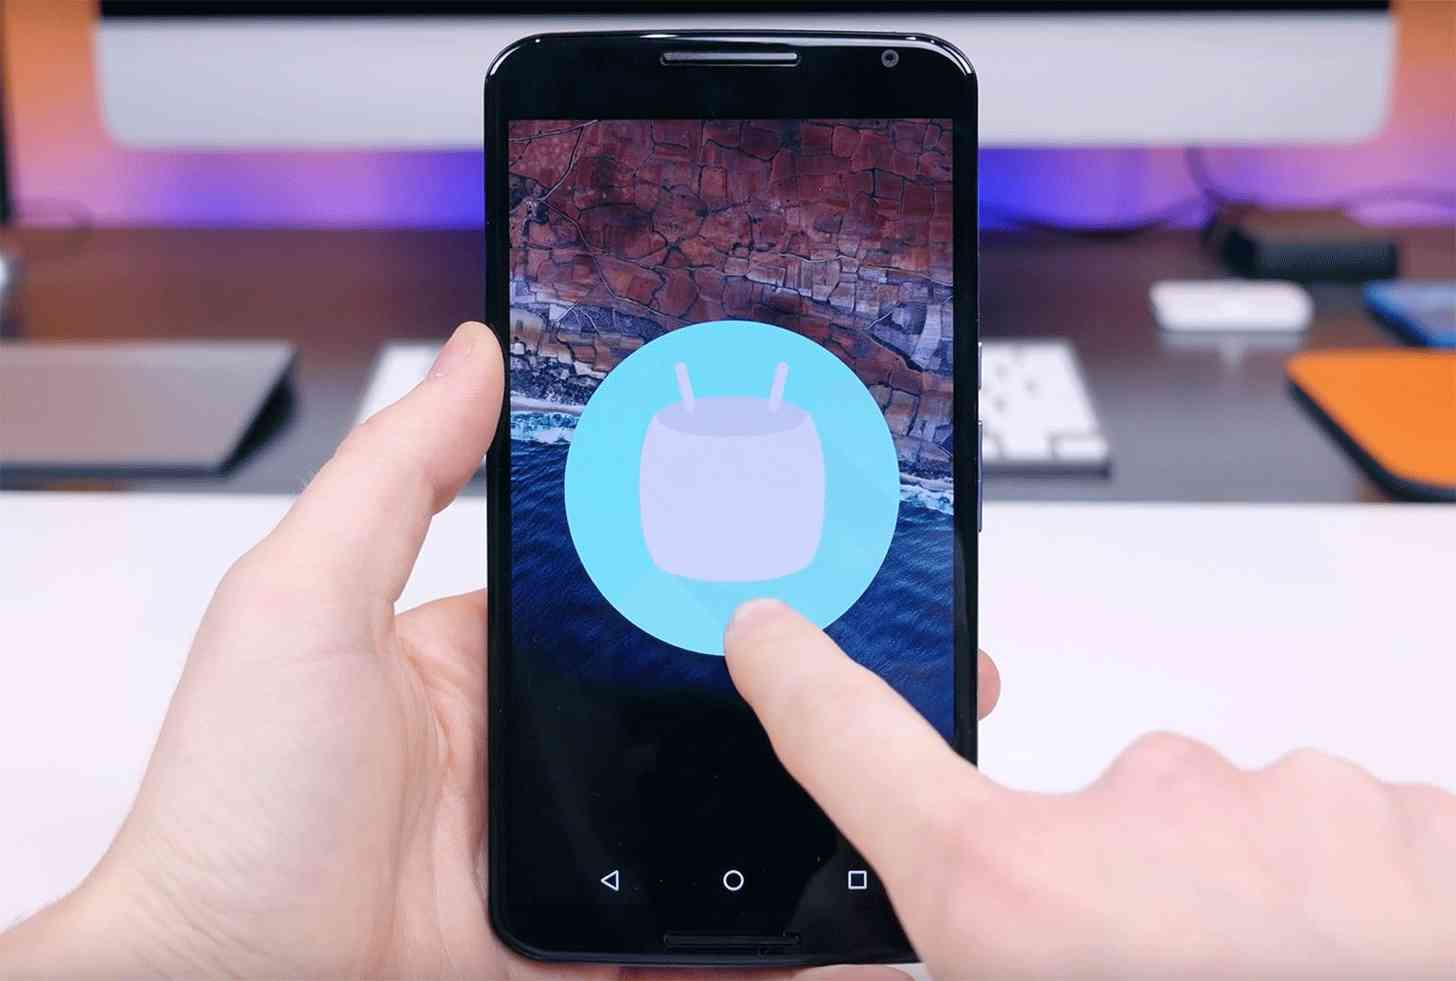 Android 6.0 Marshmallow Nexus 6